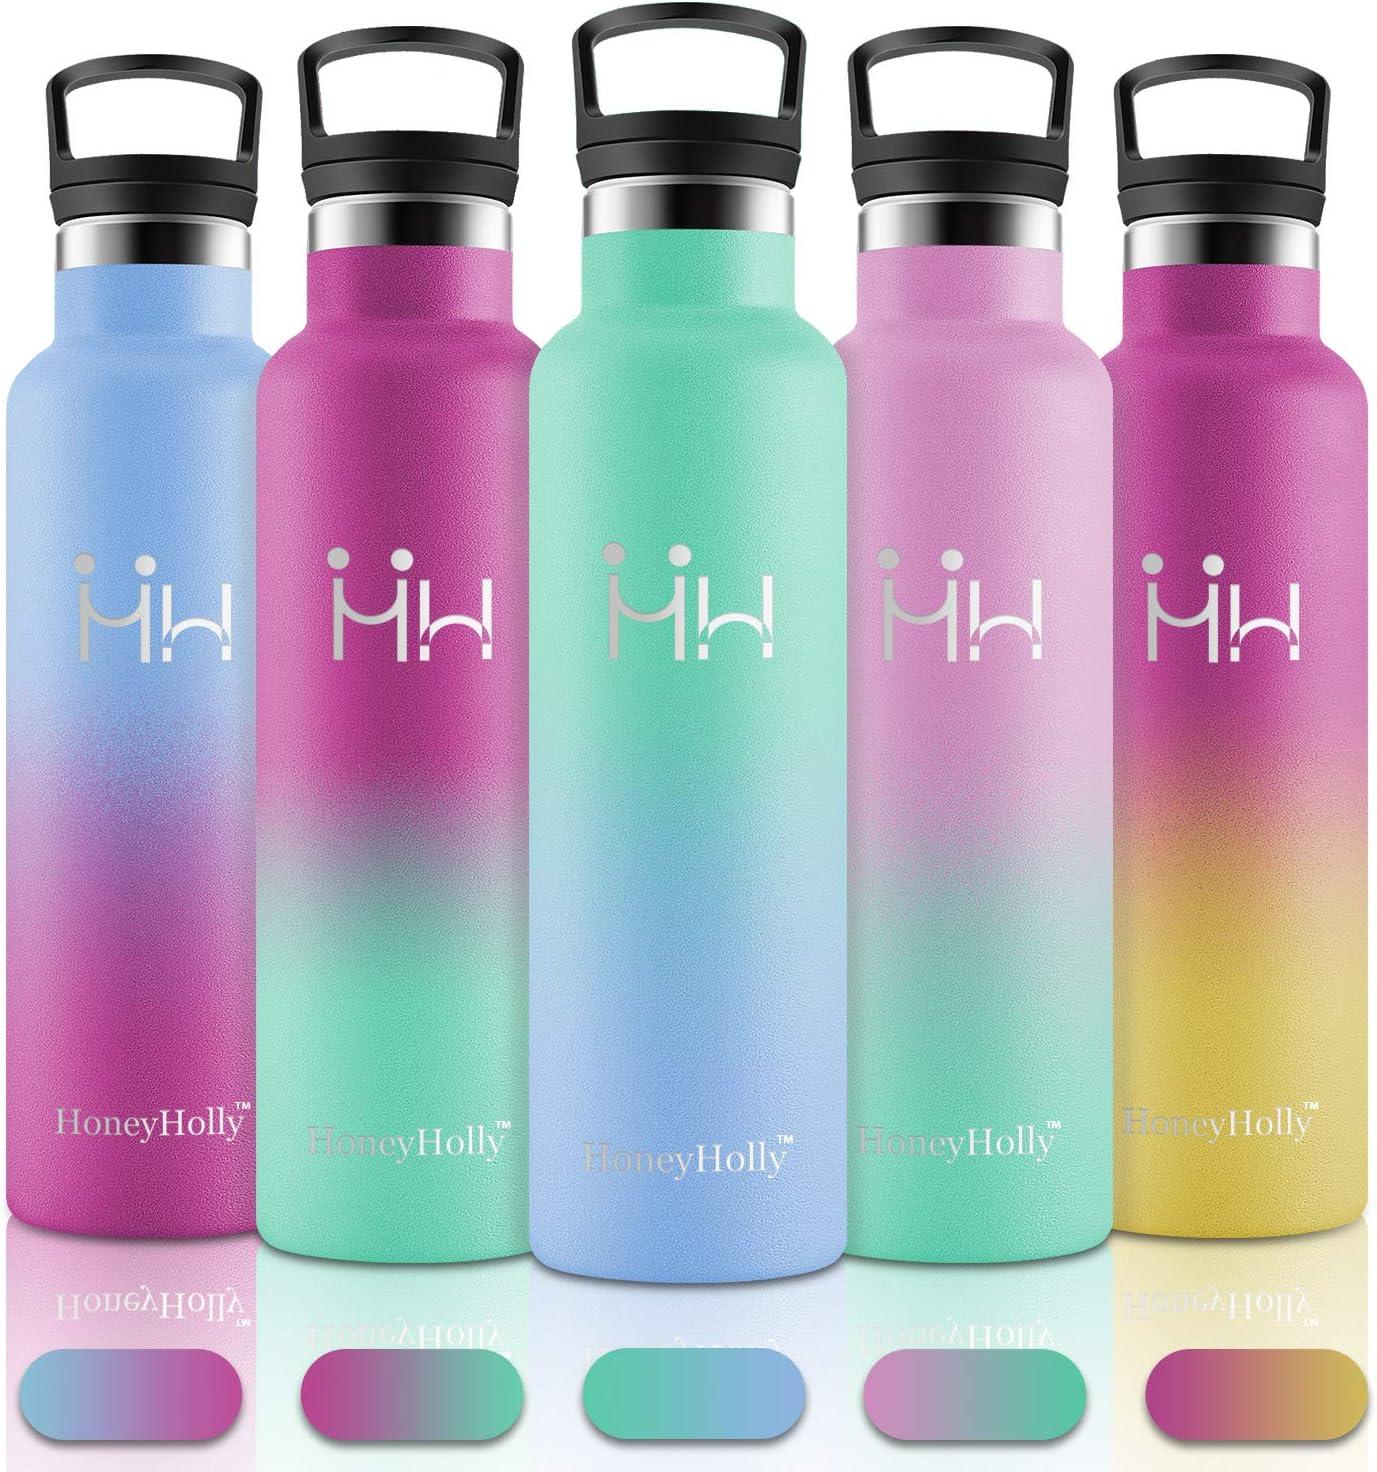 HoneyHolly Vakuum Isolierte Edelstahl Trinkflasche 350/500/600/750ml,BPA Frei Wasserflasche Auslaufsicher Thermosflasche,Thermoskanne kohlensäure geeignet für Kinder,Kleiner,Schule,Sport,Fahrrad